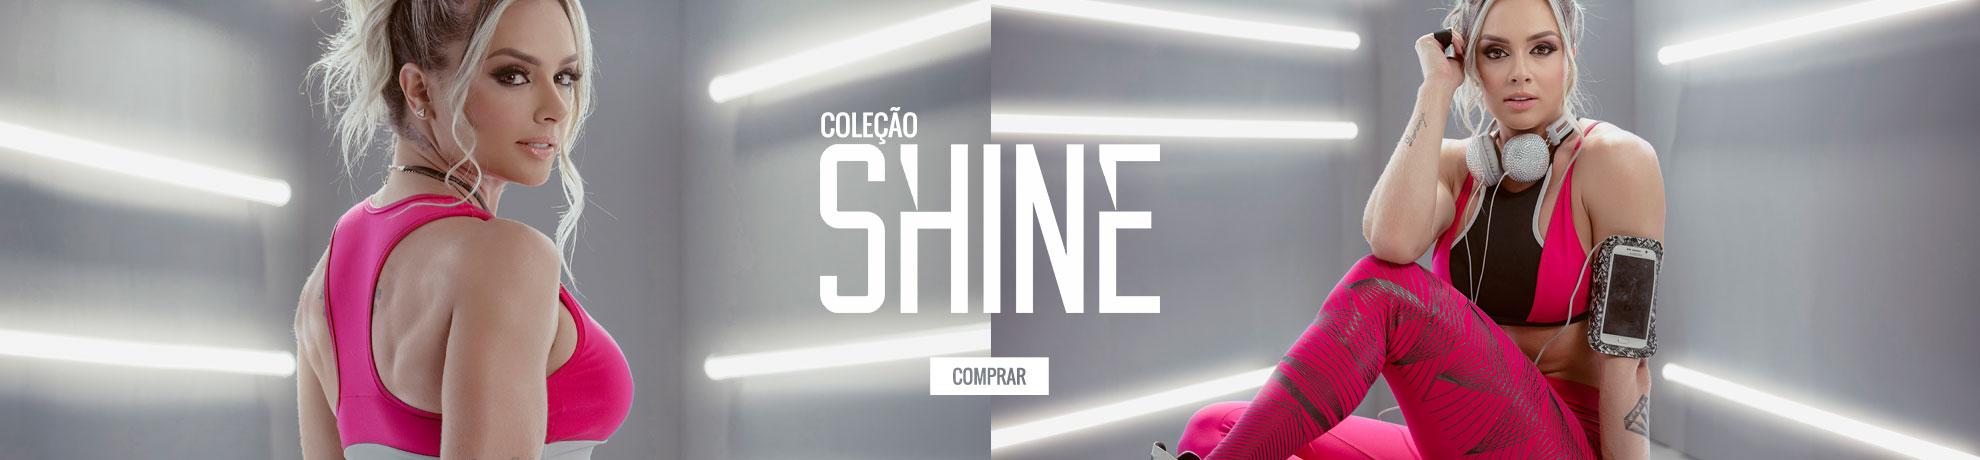 Coleção Shine